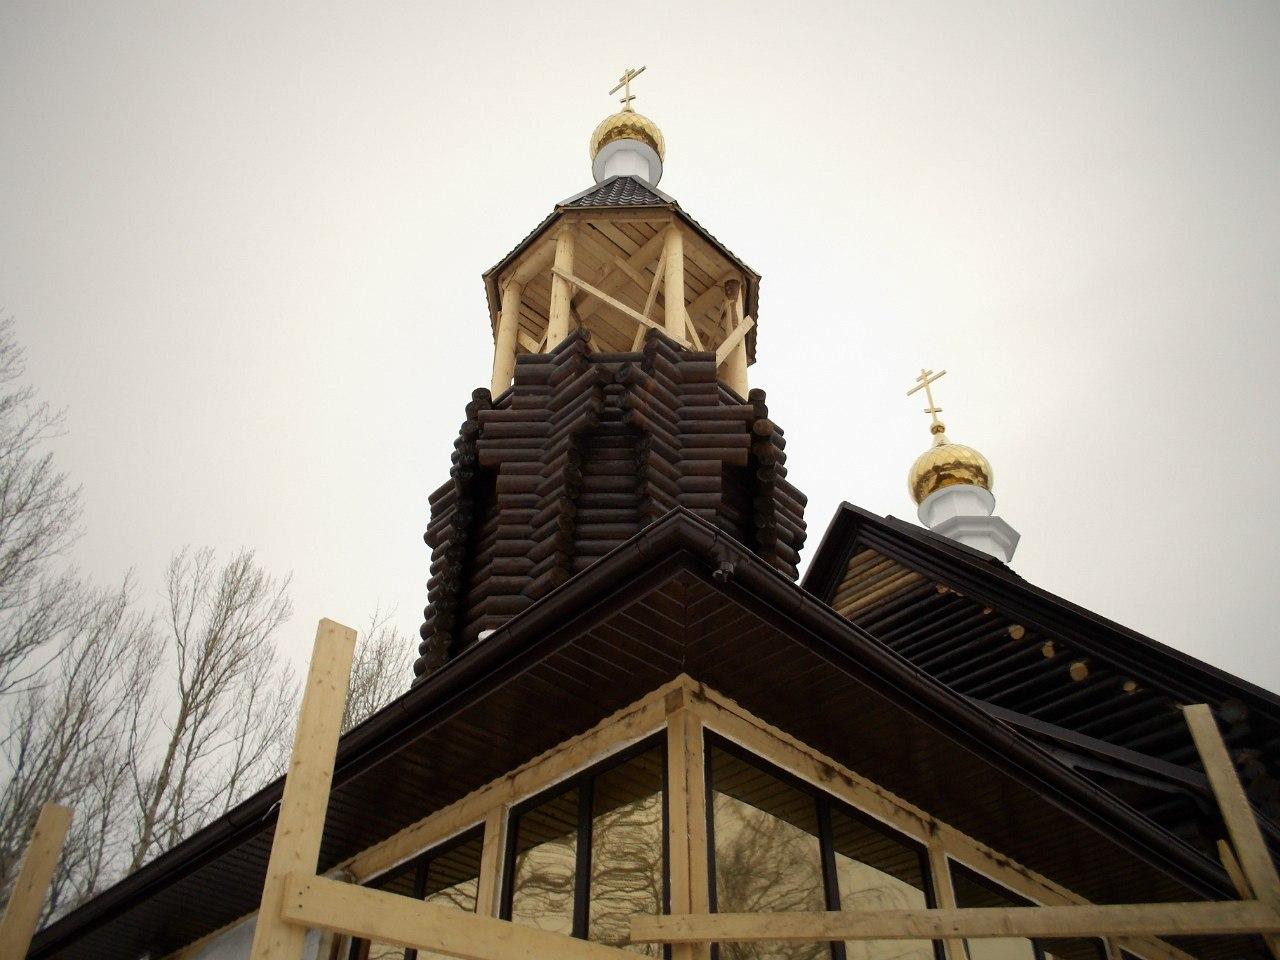 Проводятся завершающие работы с колокольней храма. Смонтирована водосточная система.